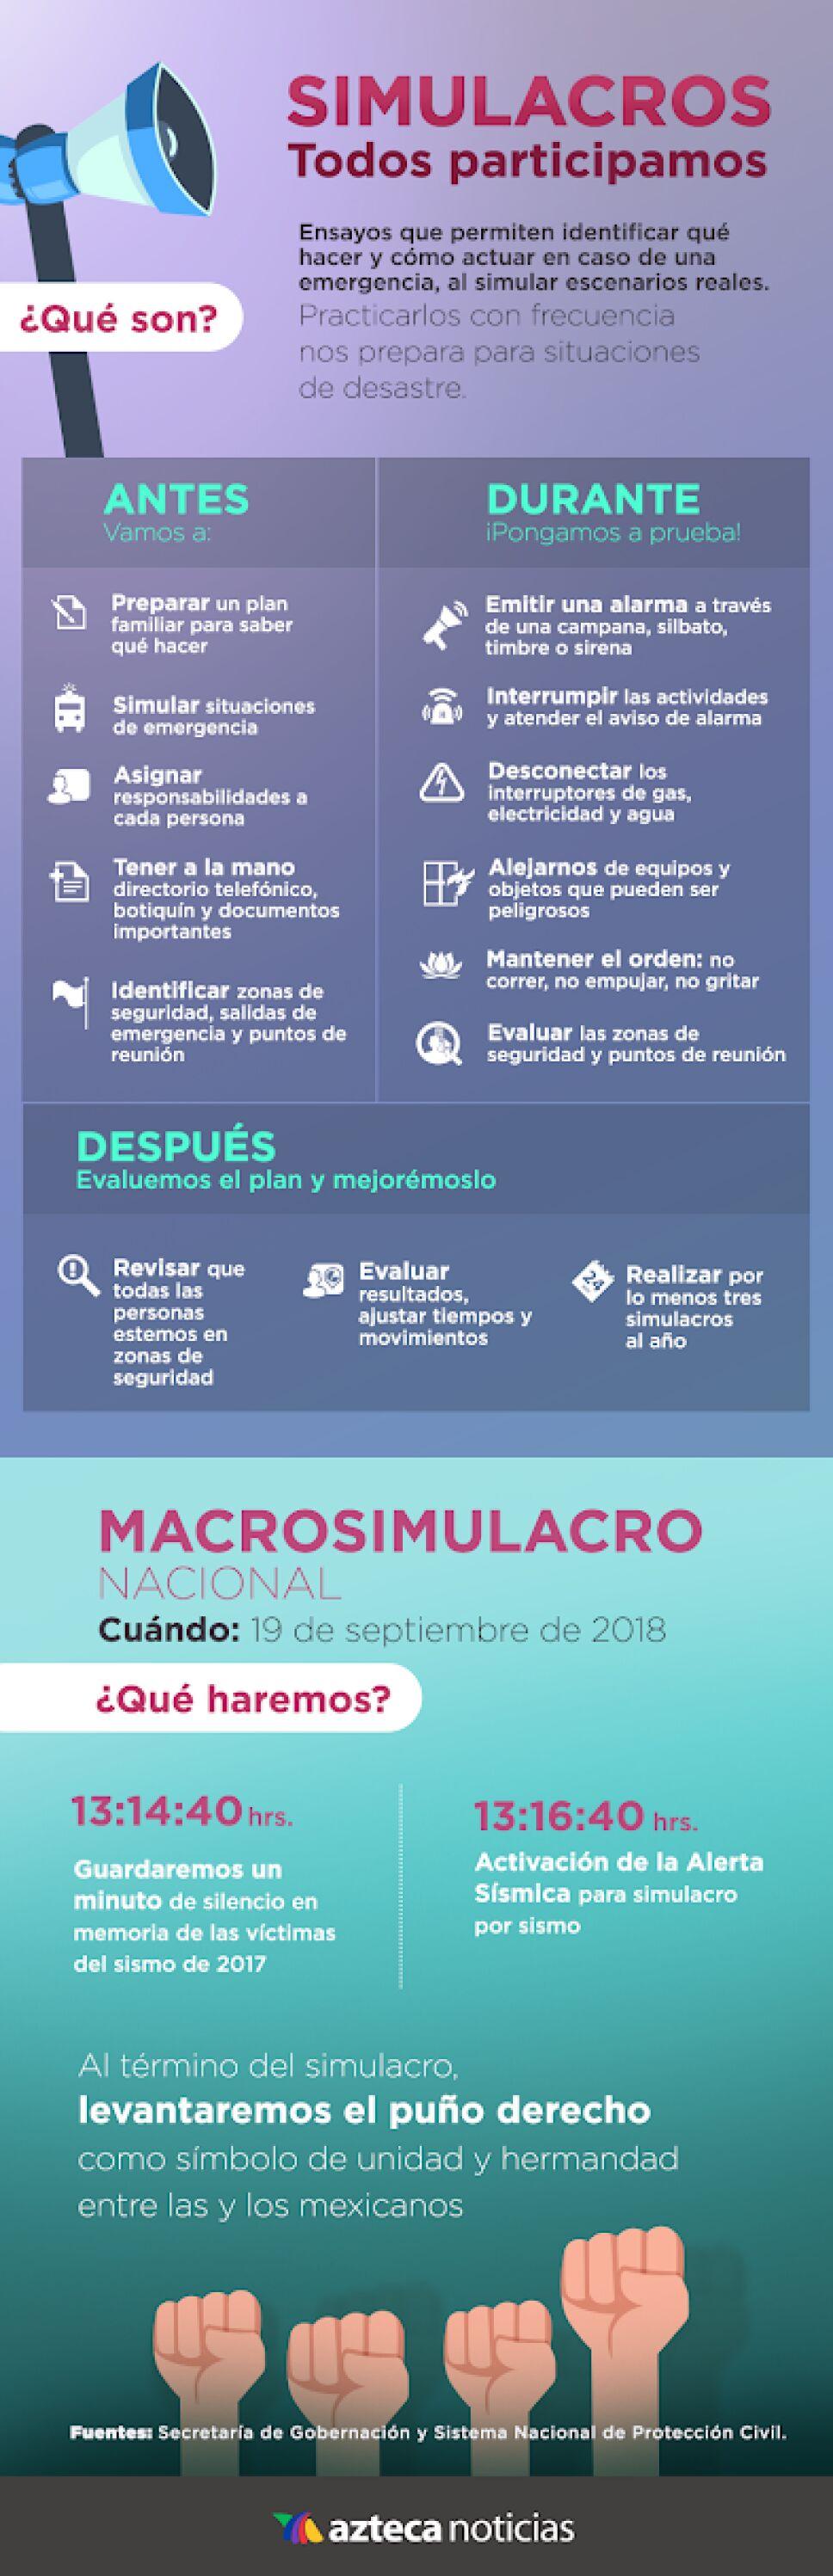 Qué hacer en el Macrosimulacro Nacional del 19 de septiembre